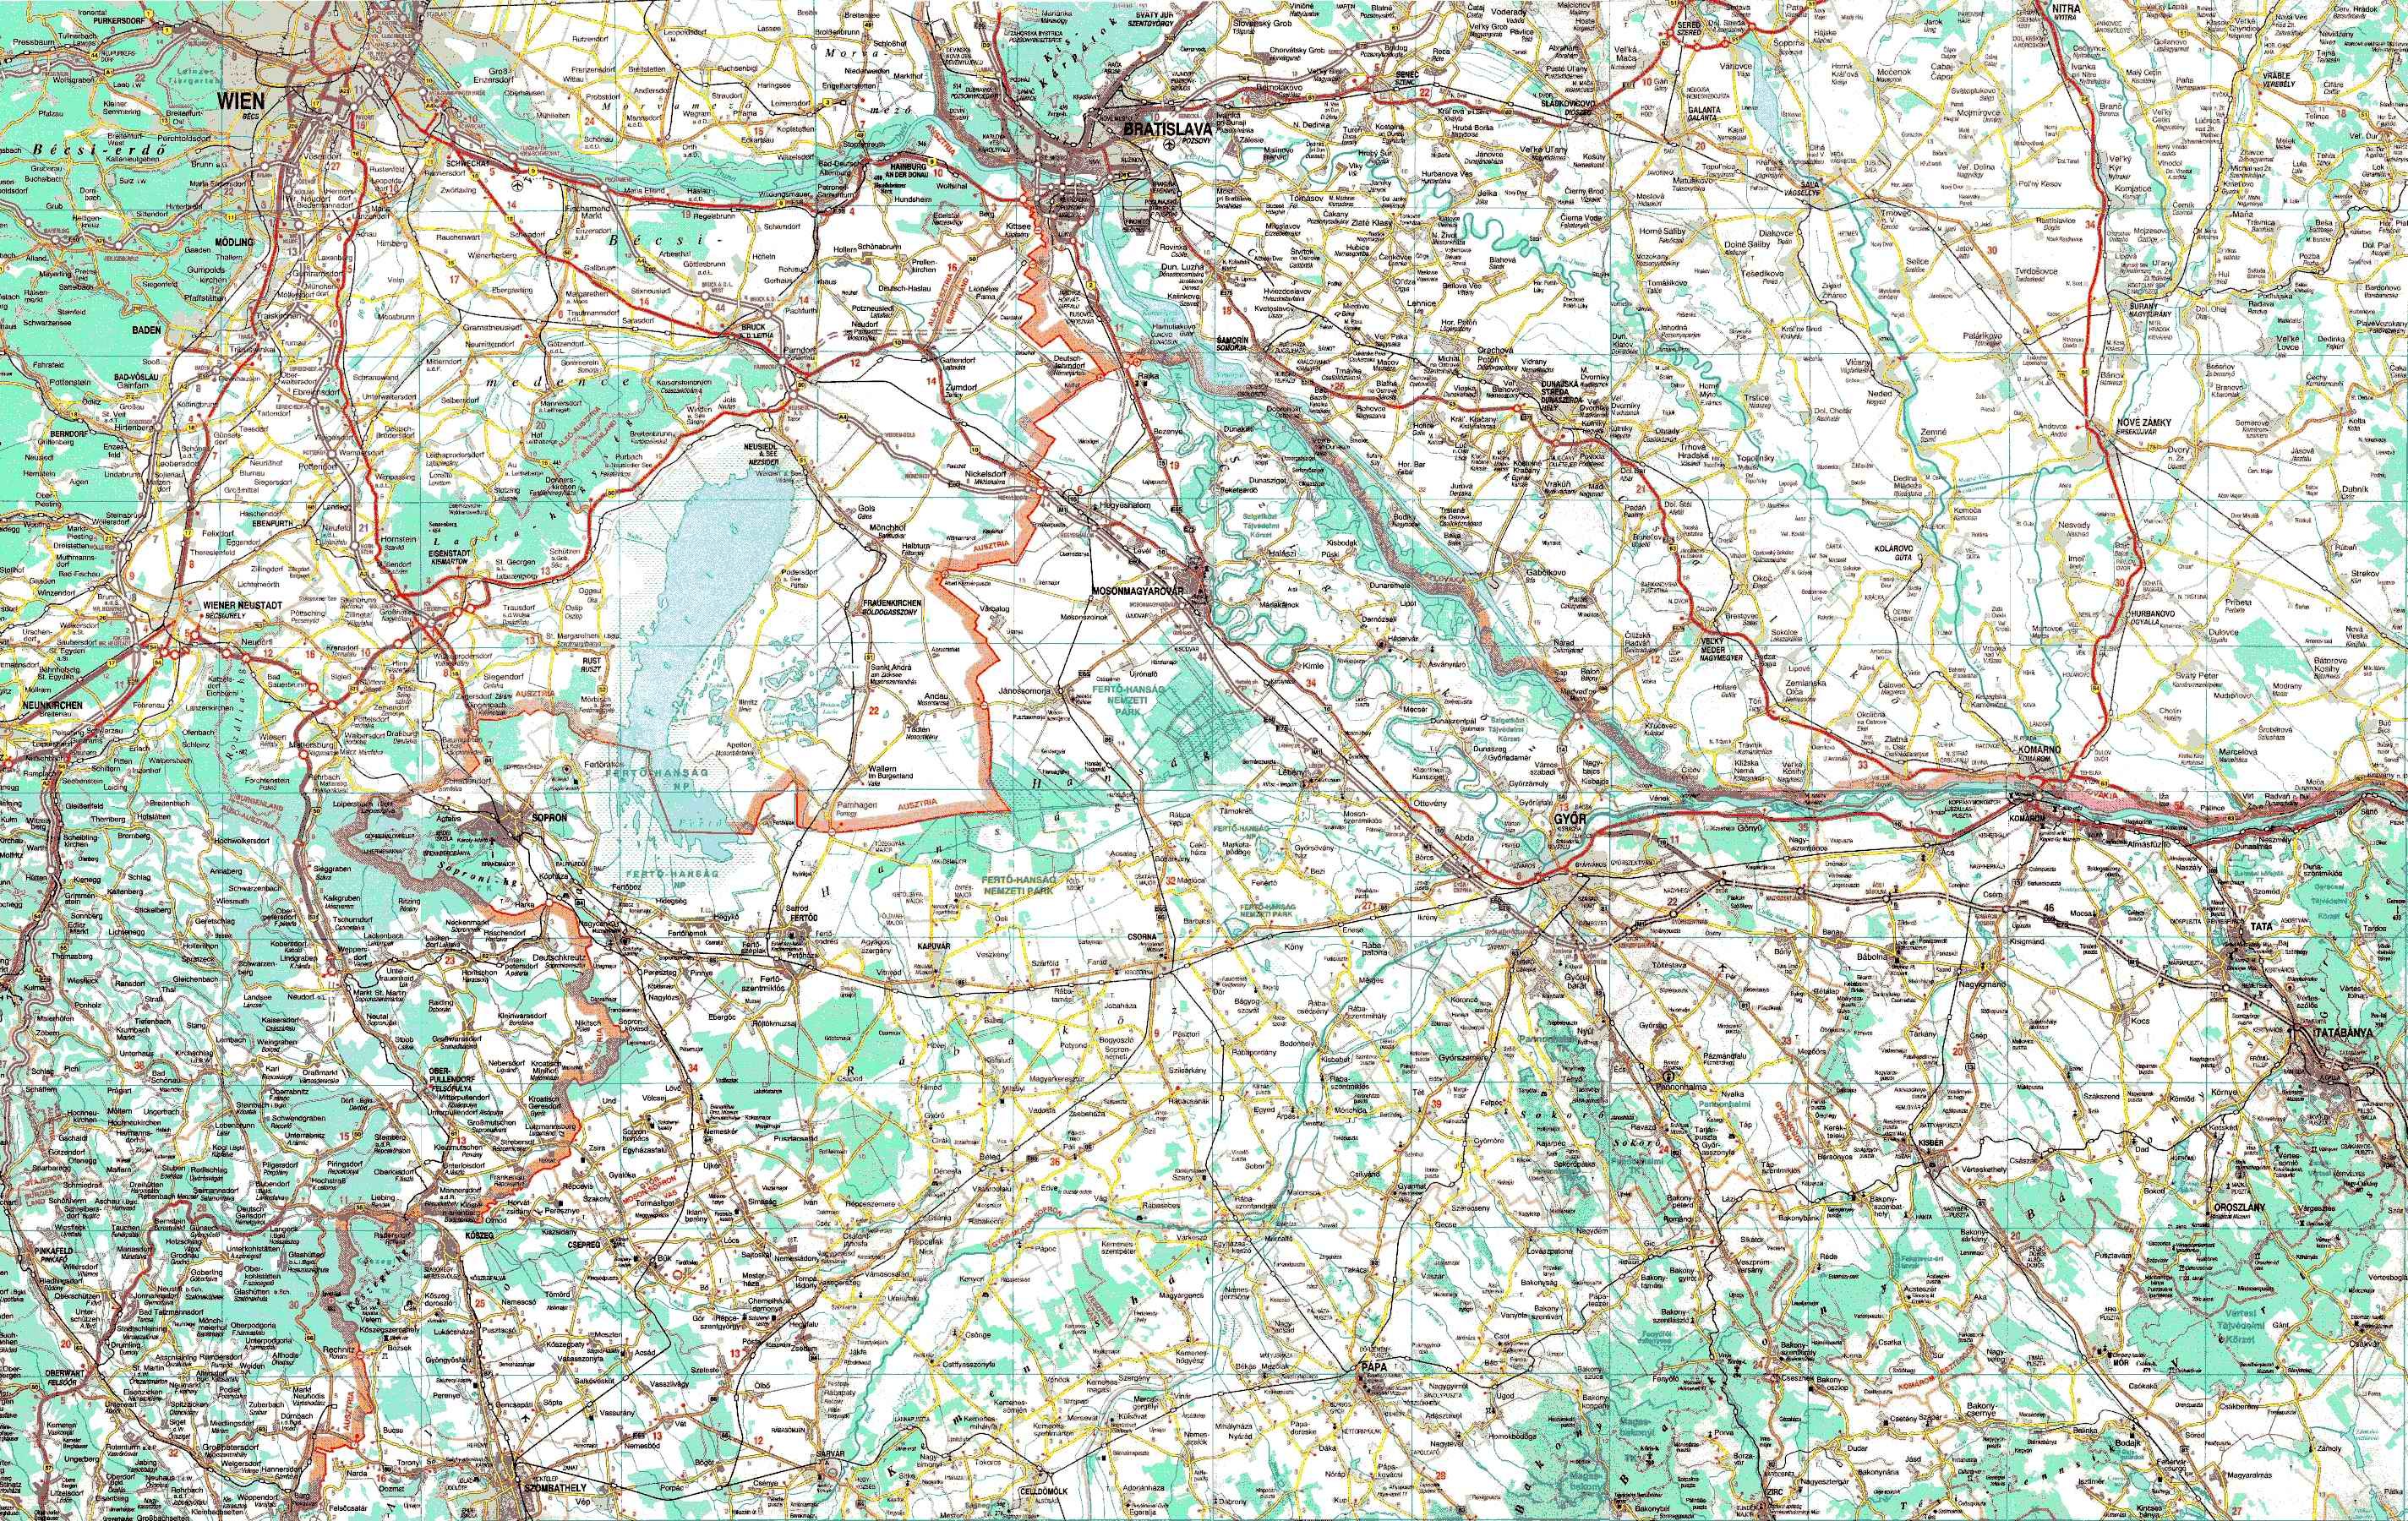 sopron domborzati térkép A .arc.sze.hu betétlapja) sopron domborzati térkép